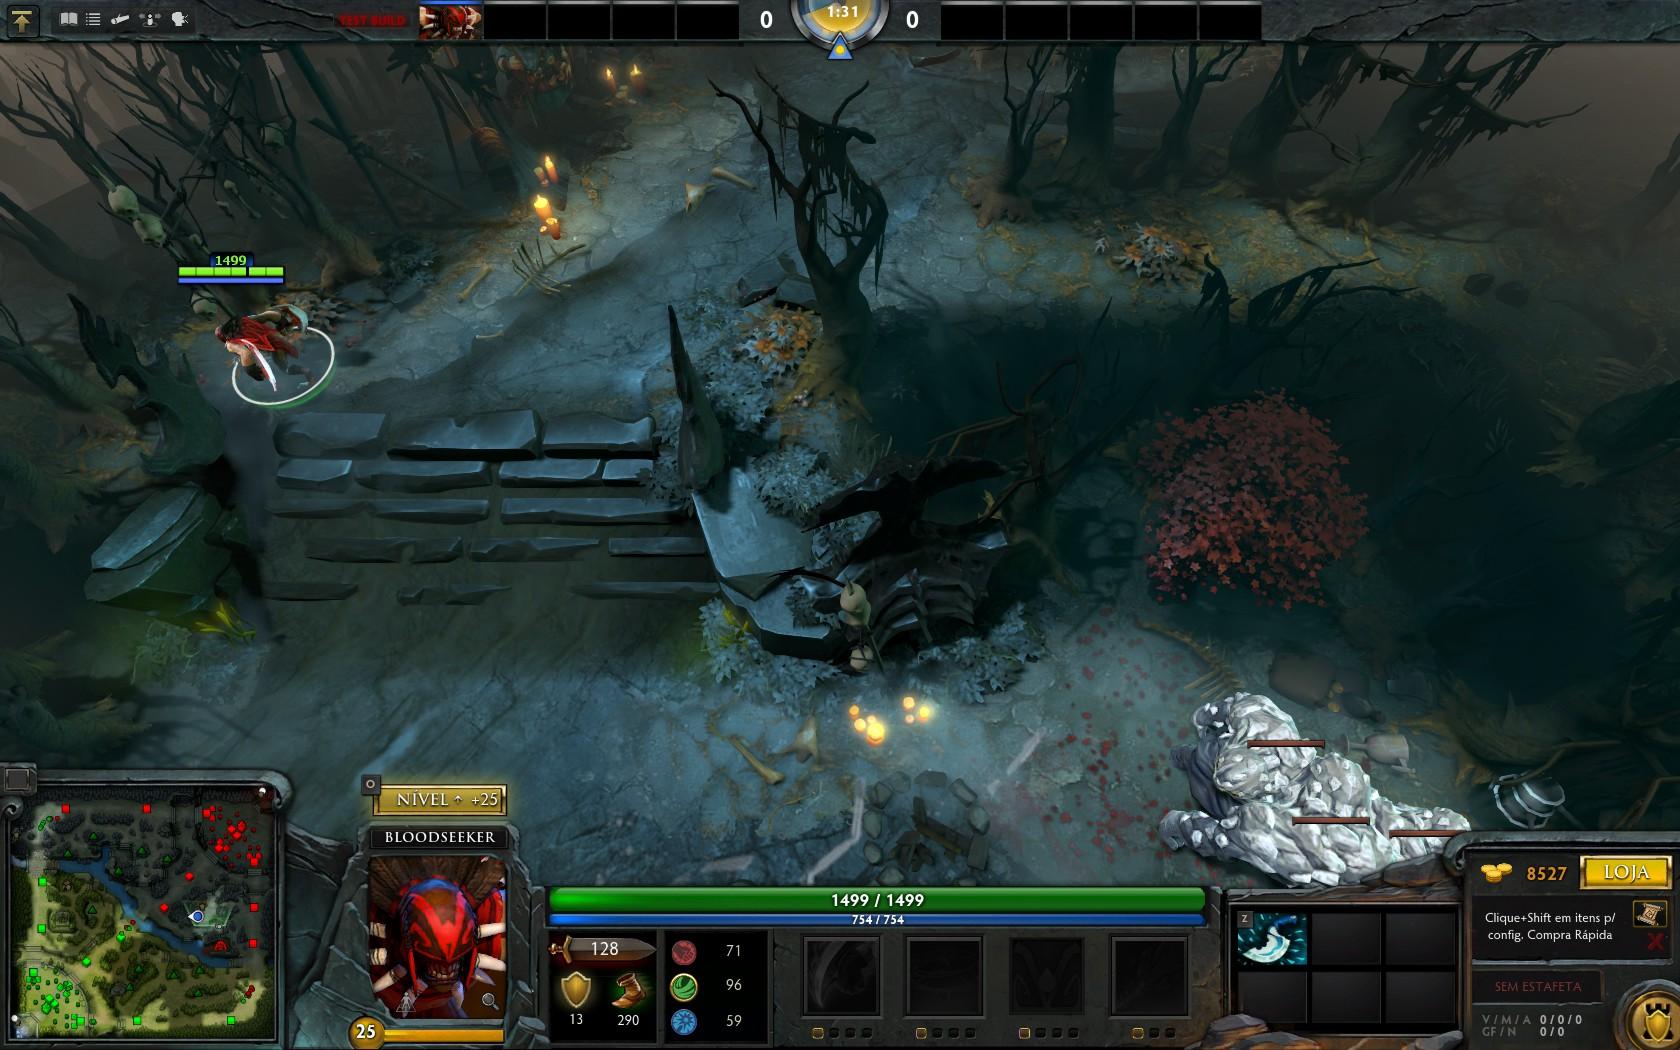 Atualização de DotA 2 traz mudanças no mapa, nas runas e em vários heróis